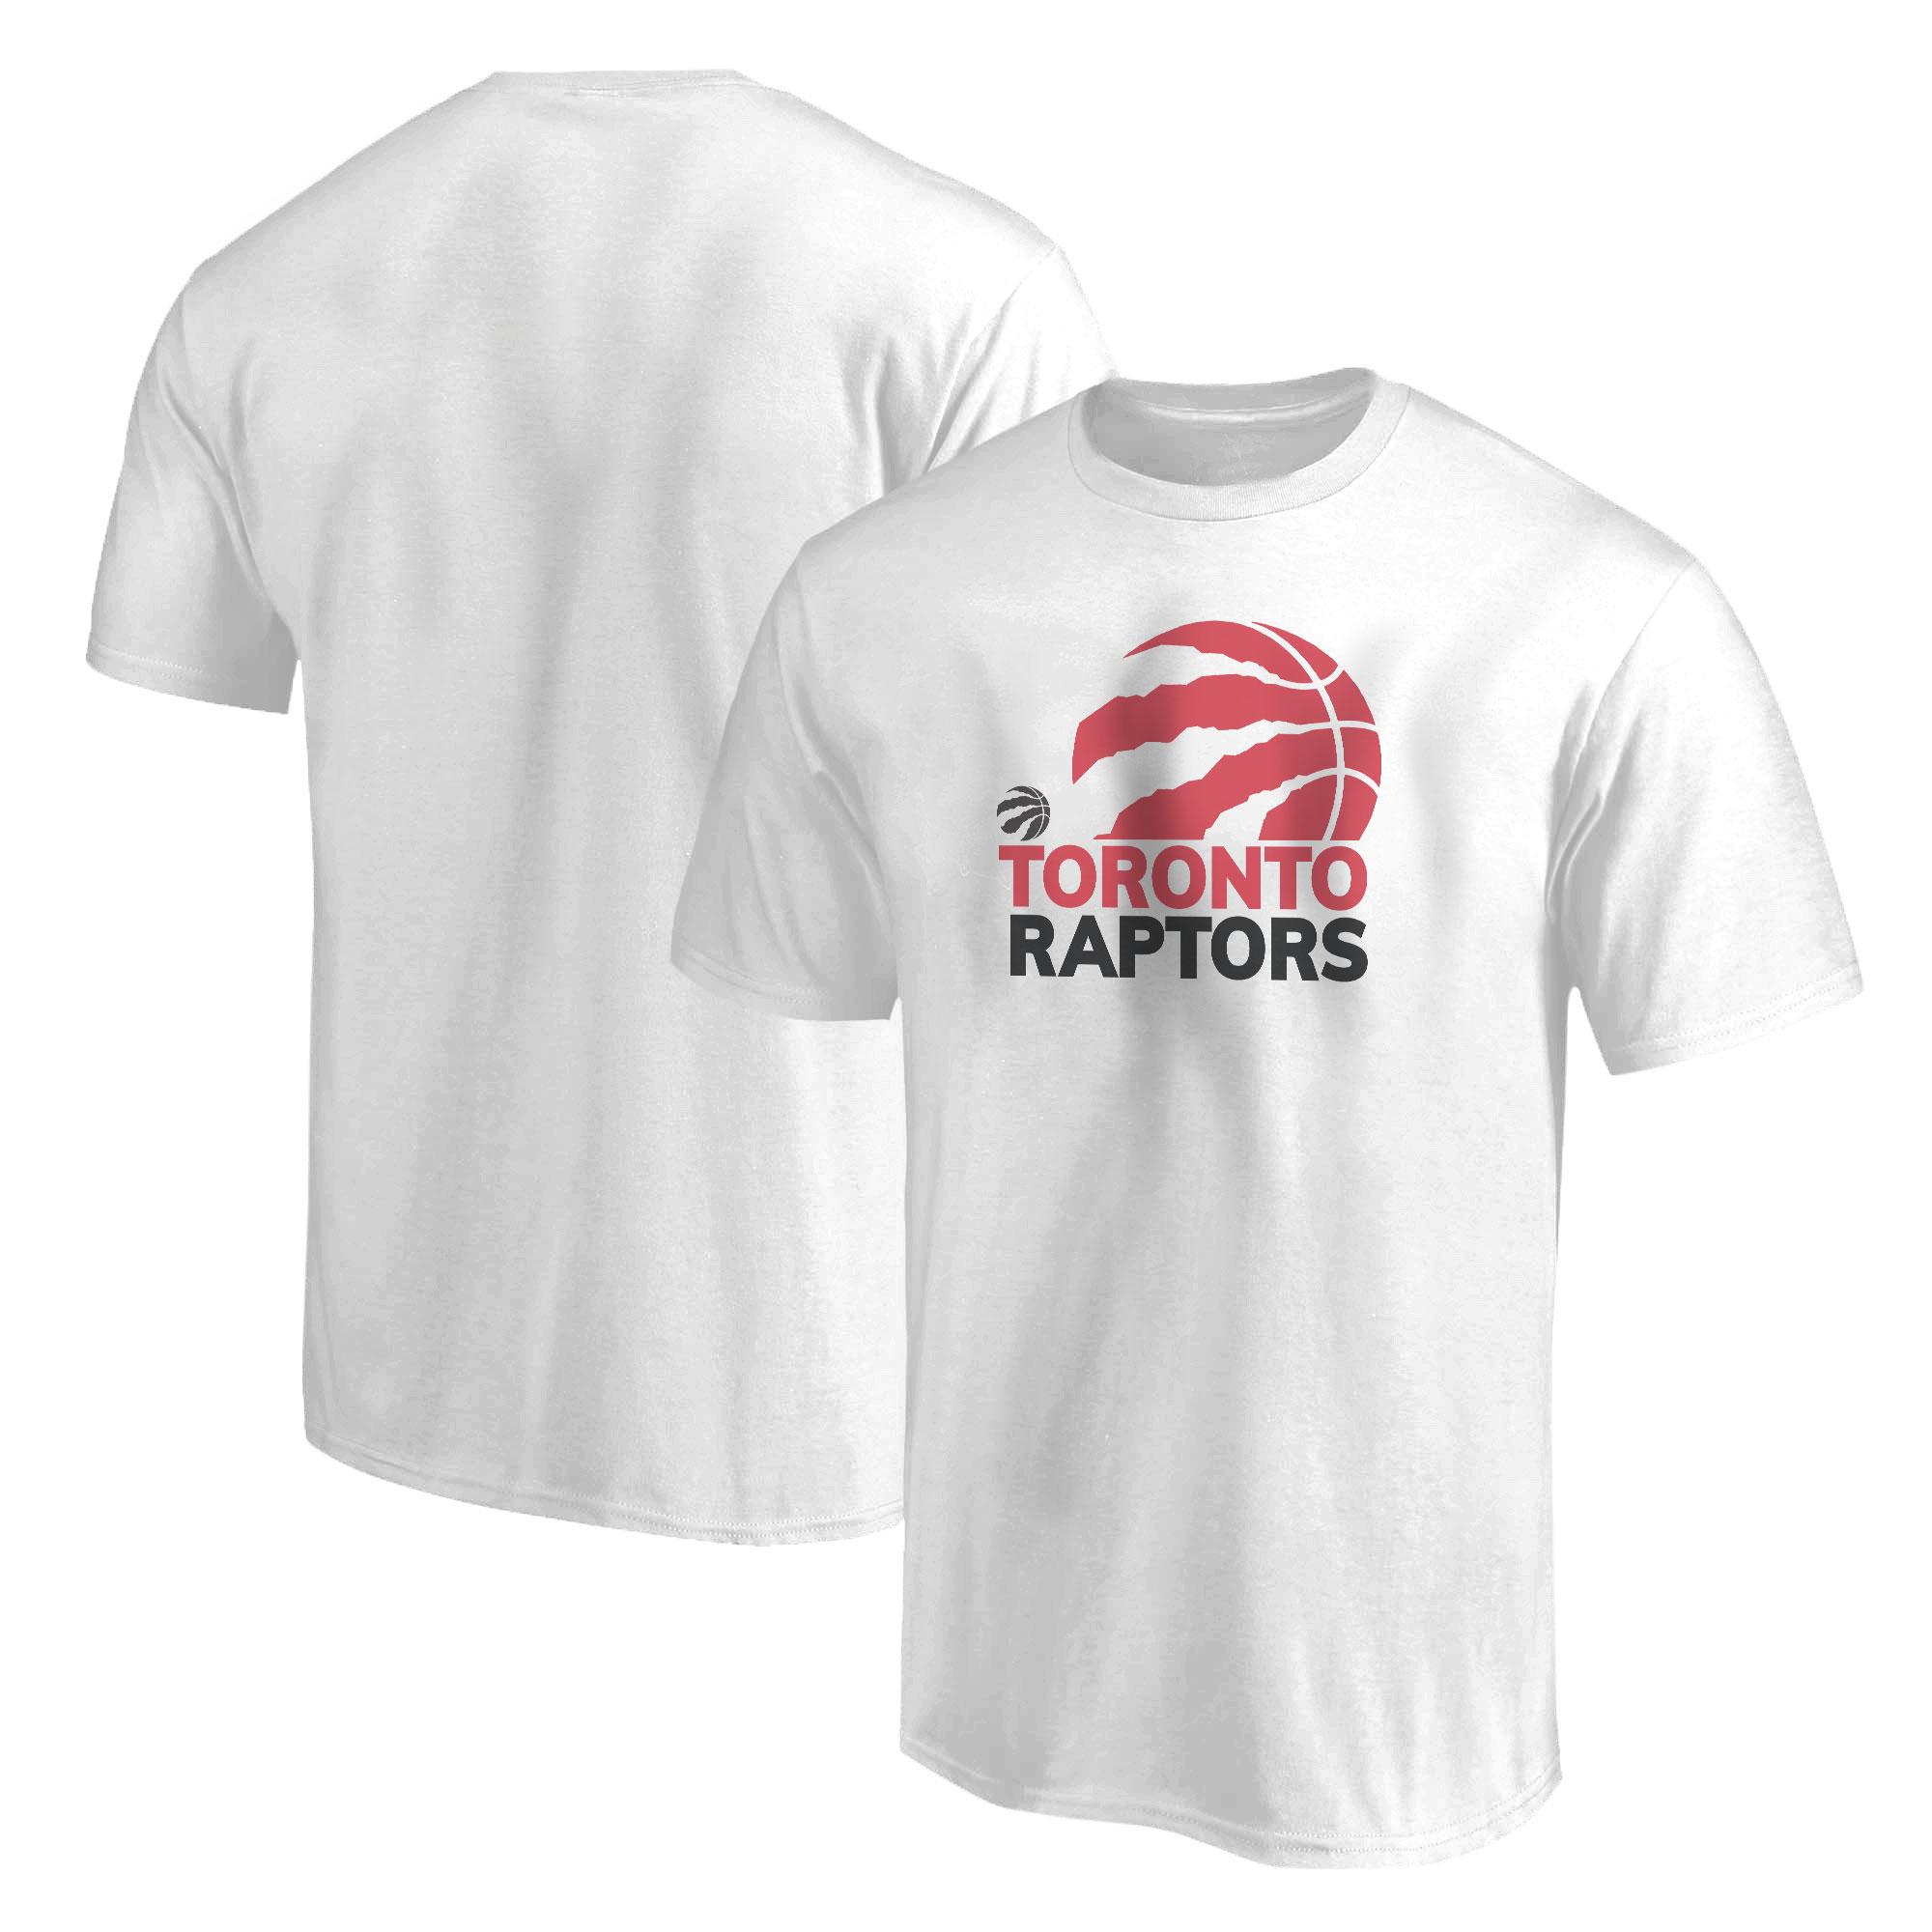 Toronto Raptors Tshirt (out-TSH-WHT-398-NBA-TORONTO.RAPTORS)